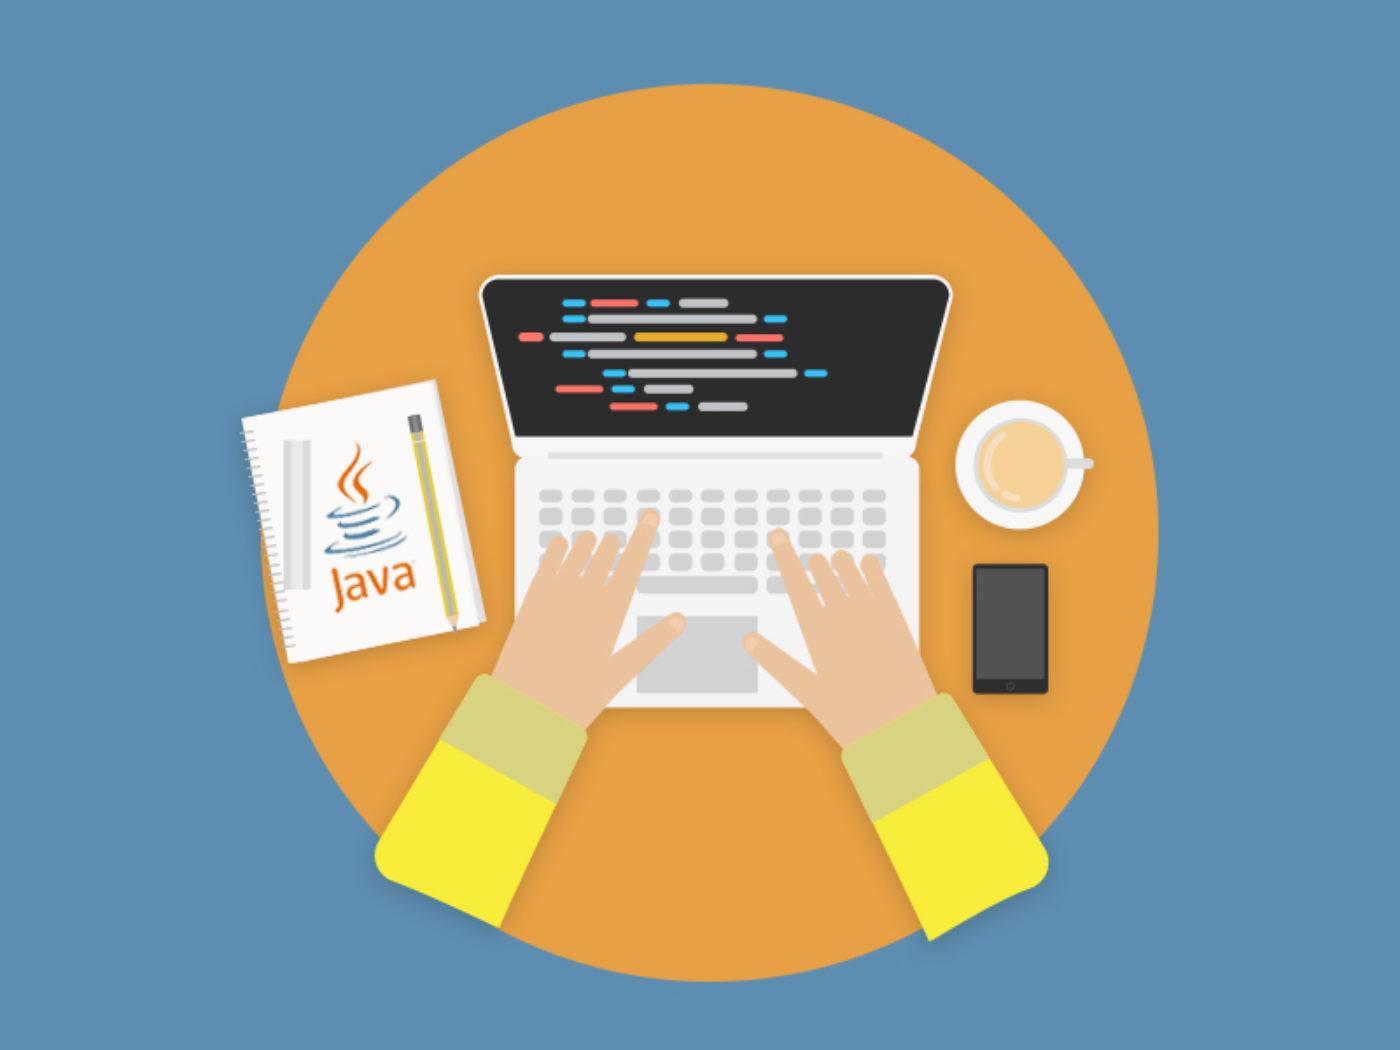 События: Мастер-класс «Первая работа на позиции Java Developer. Ожидания и реальность» в Киеве